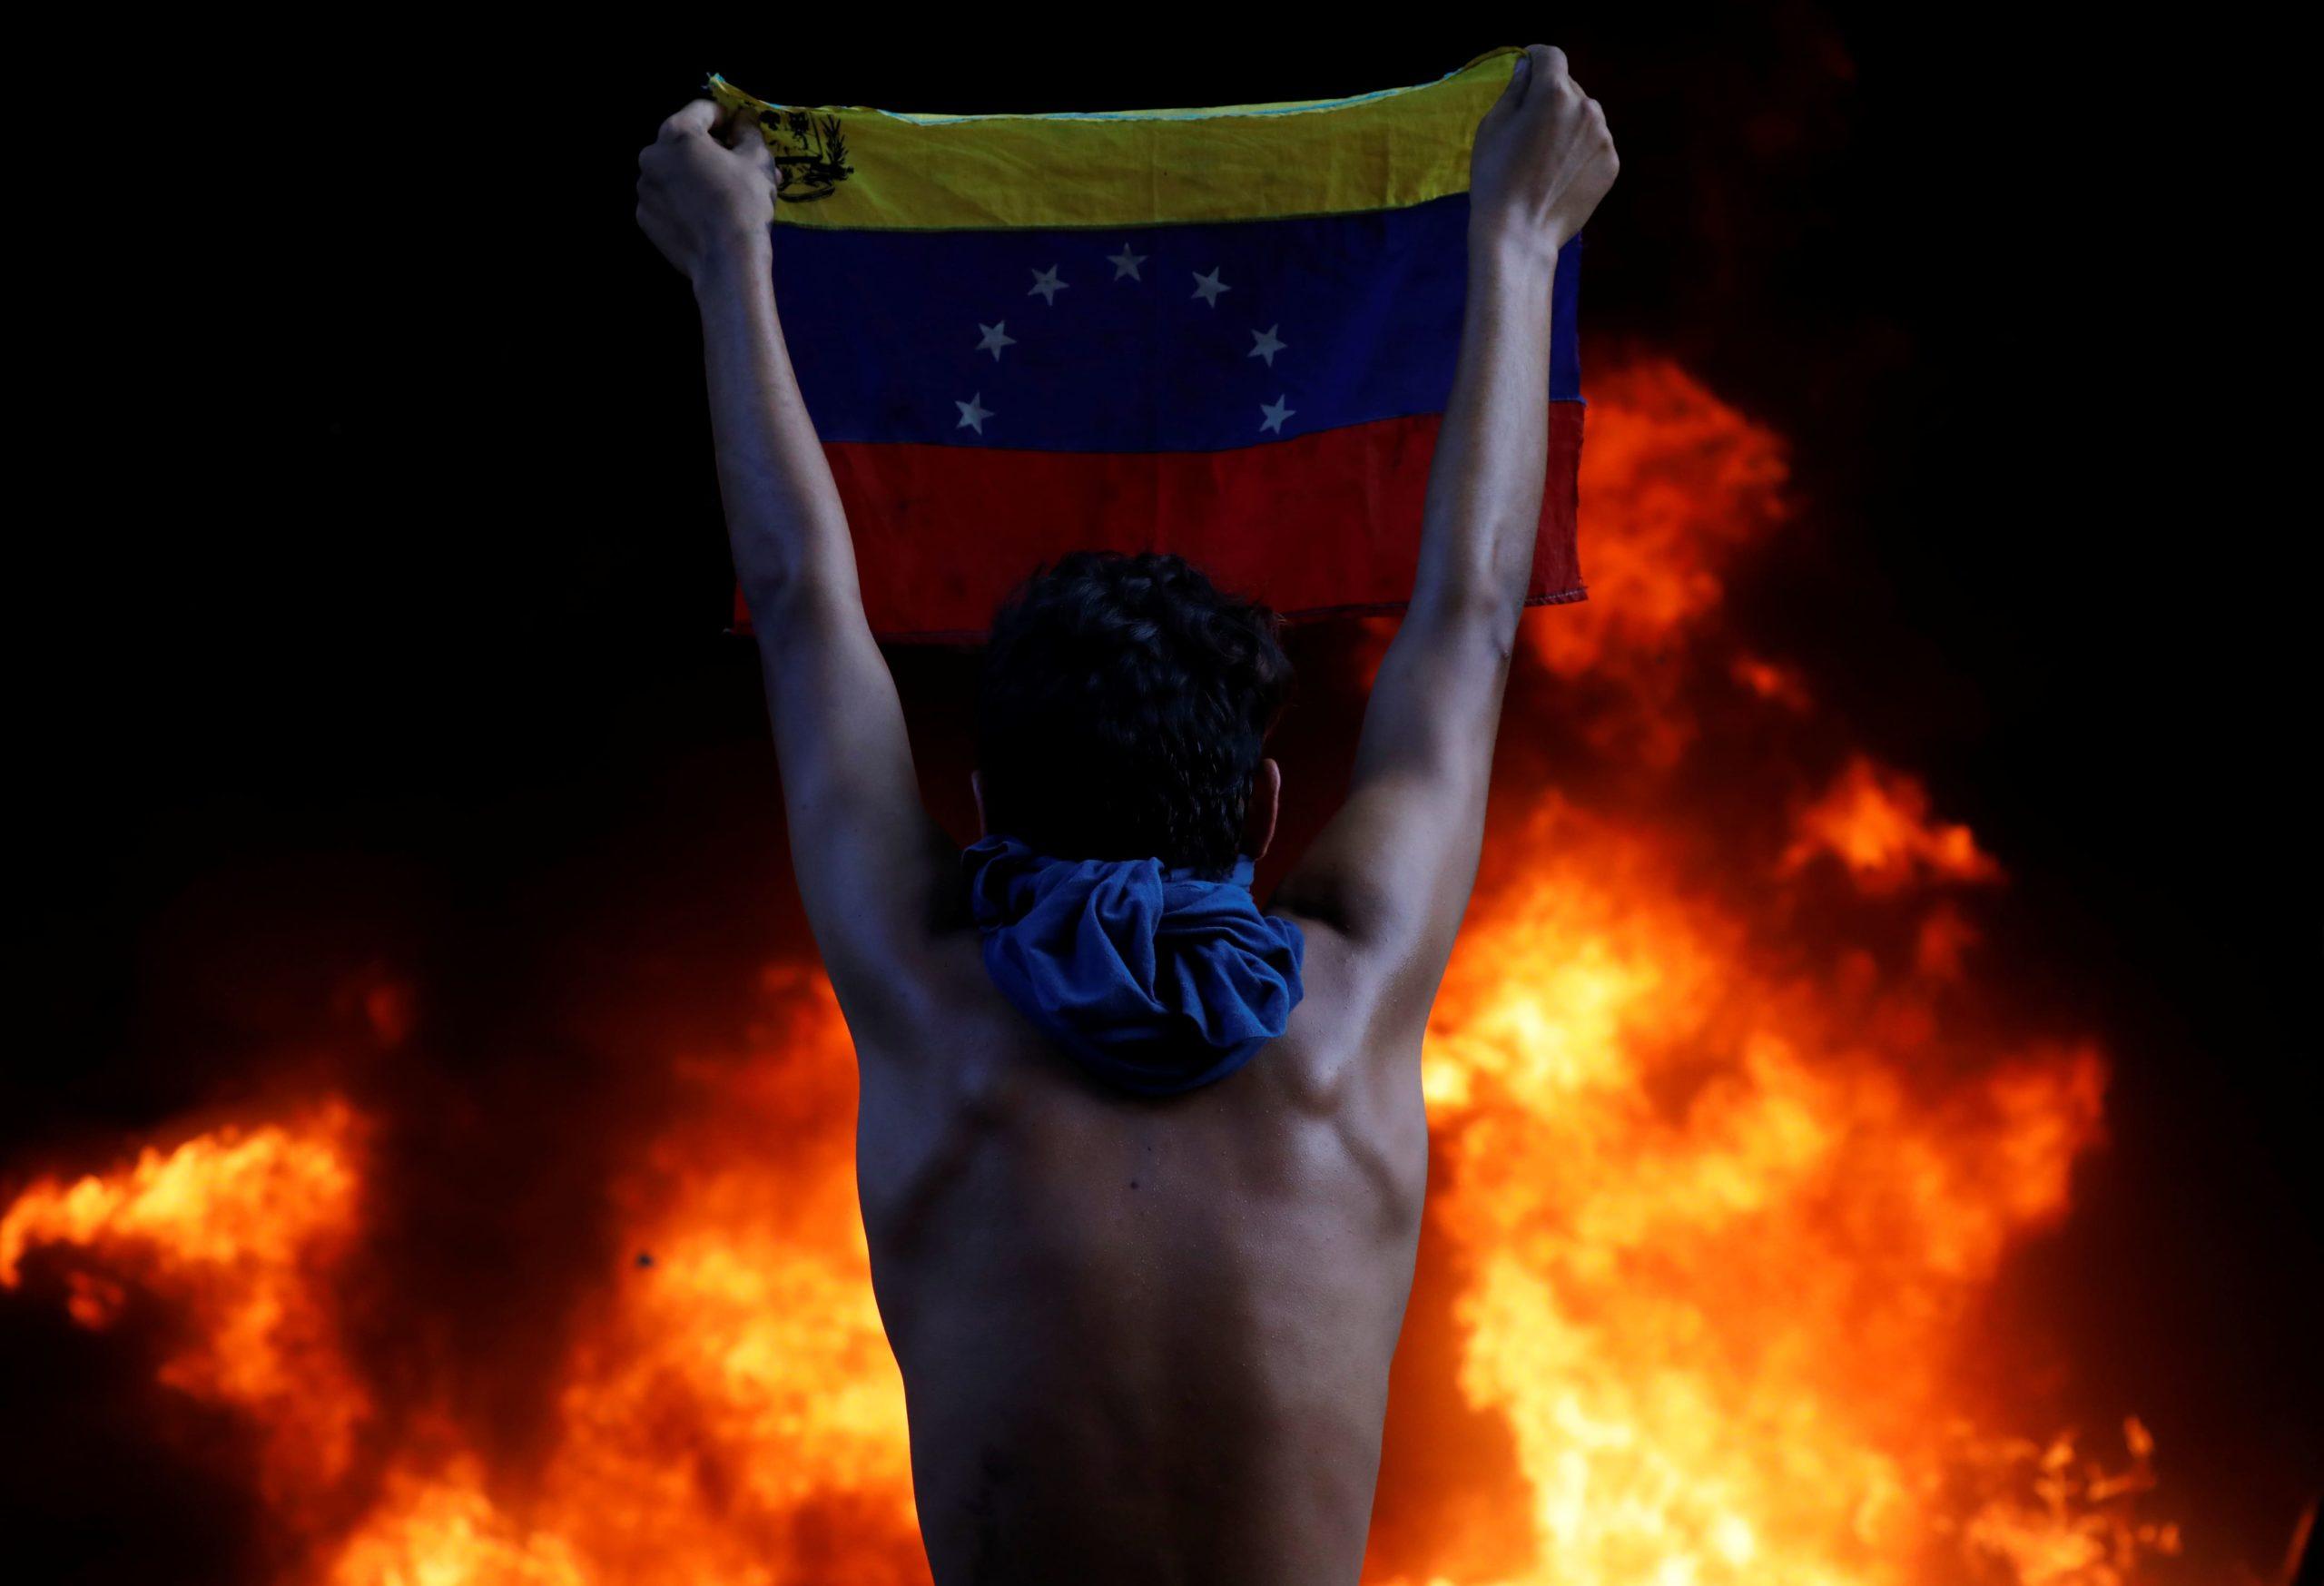 Los suicidios en Venezuela aumentaron más de 150%